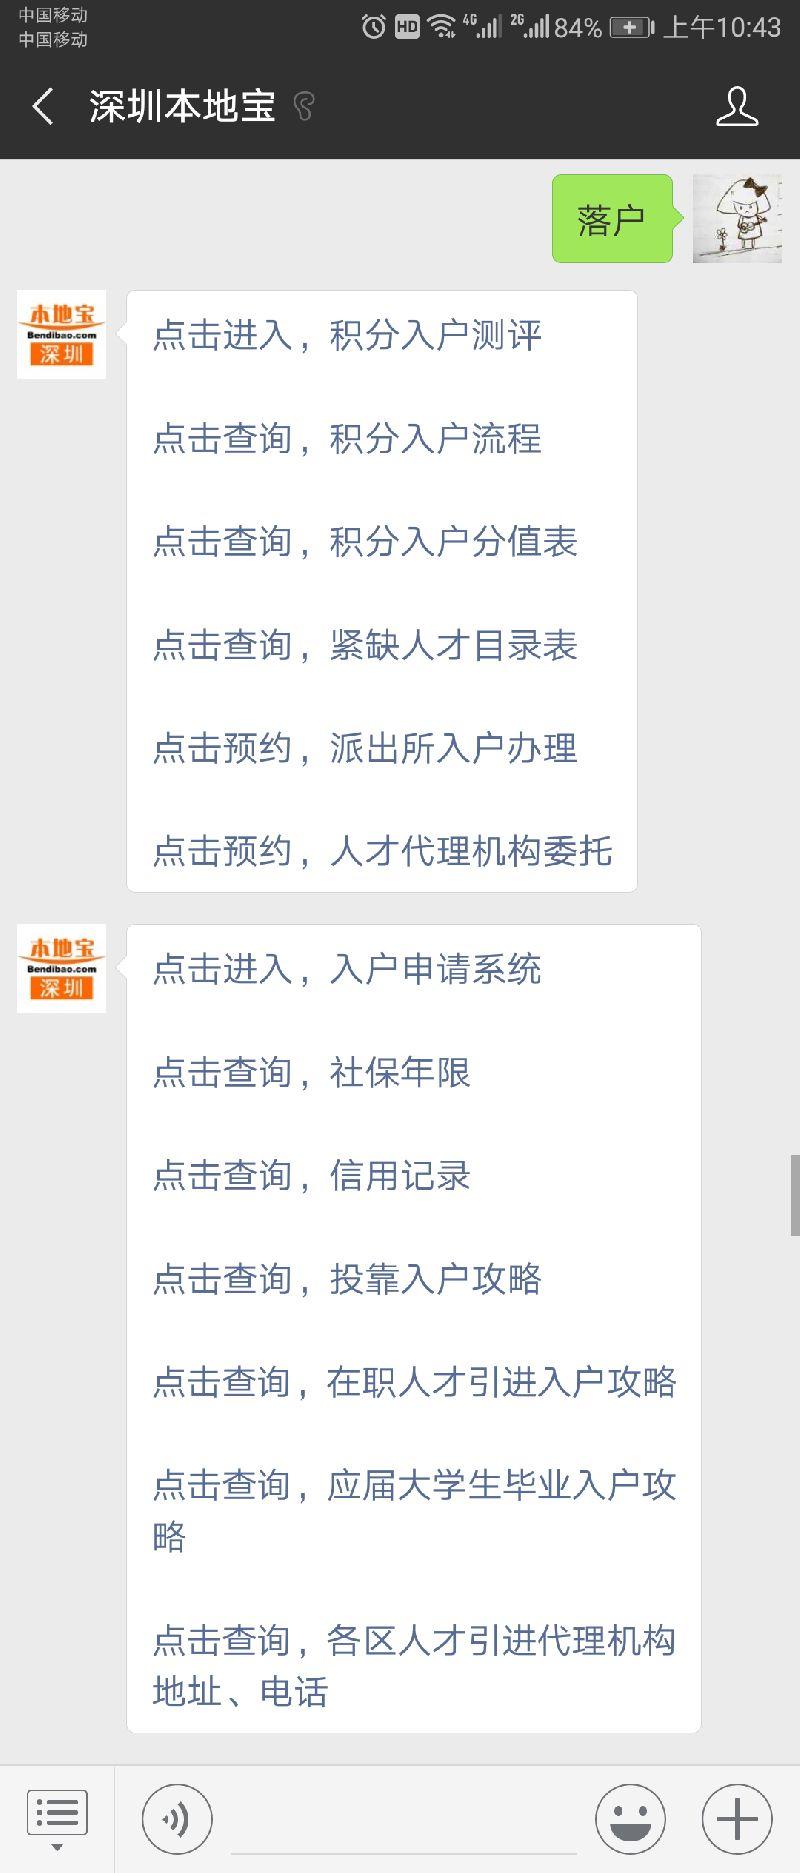 毕业生深圳报到可个人申办 非深户毕业生无需现场报到